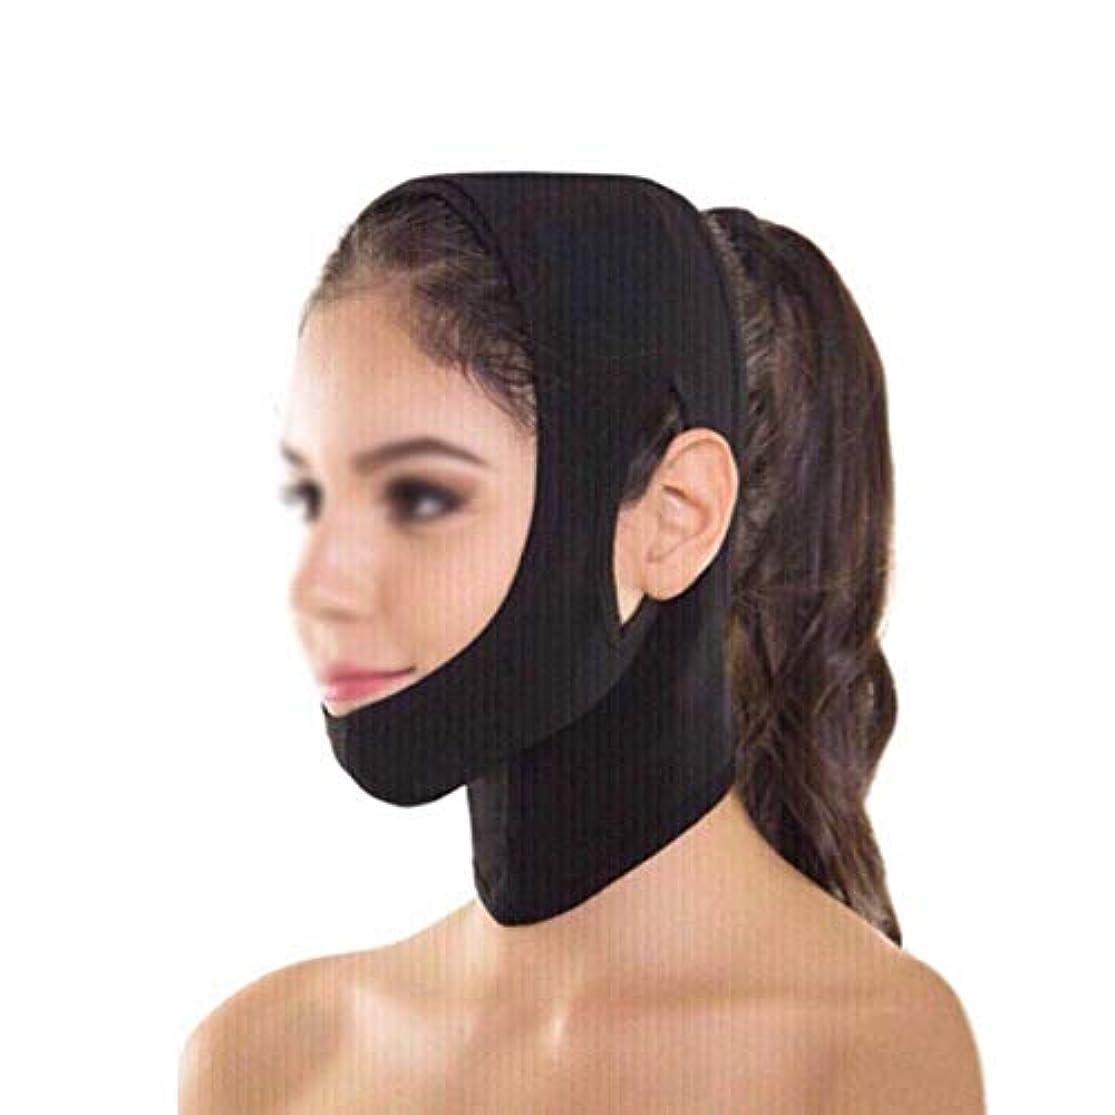 フェイスリフティングバンデージ、フェイスリフティングマスク、顔面の首と首を持ち上げる、顔を持ち上げて二重あごを減らす(フリーサイズ)(カラー:カーキ色),ブラック